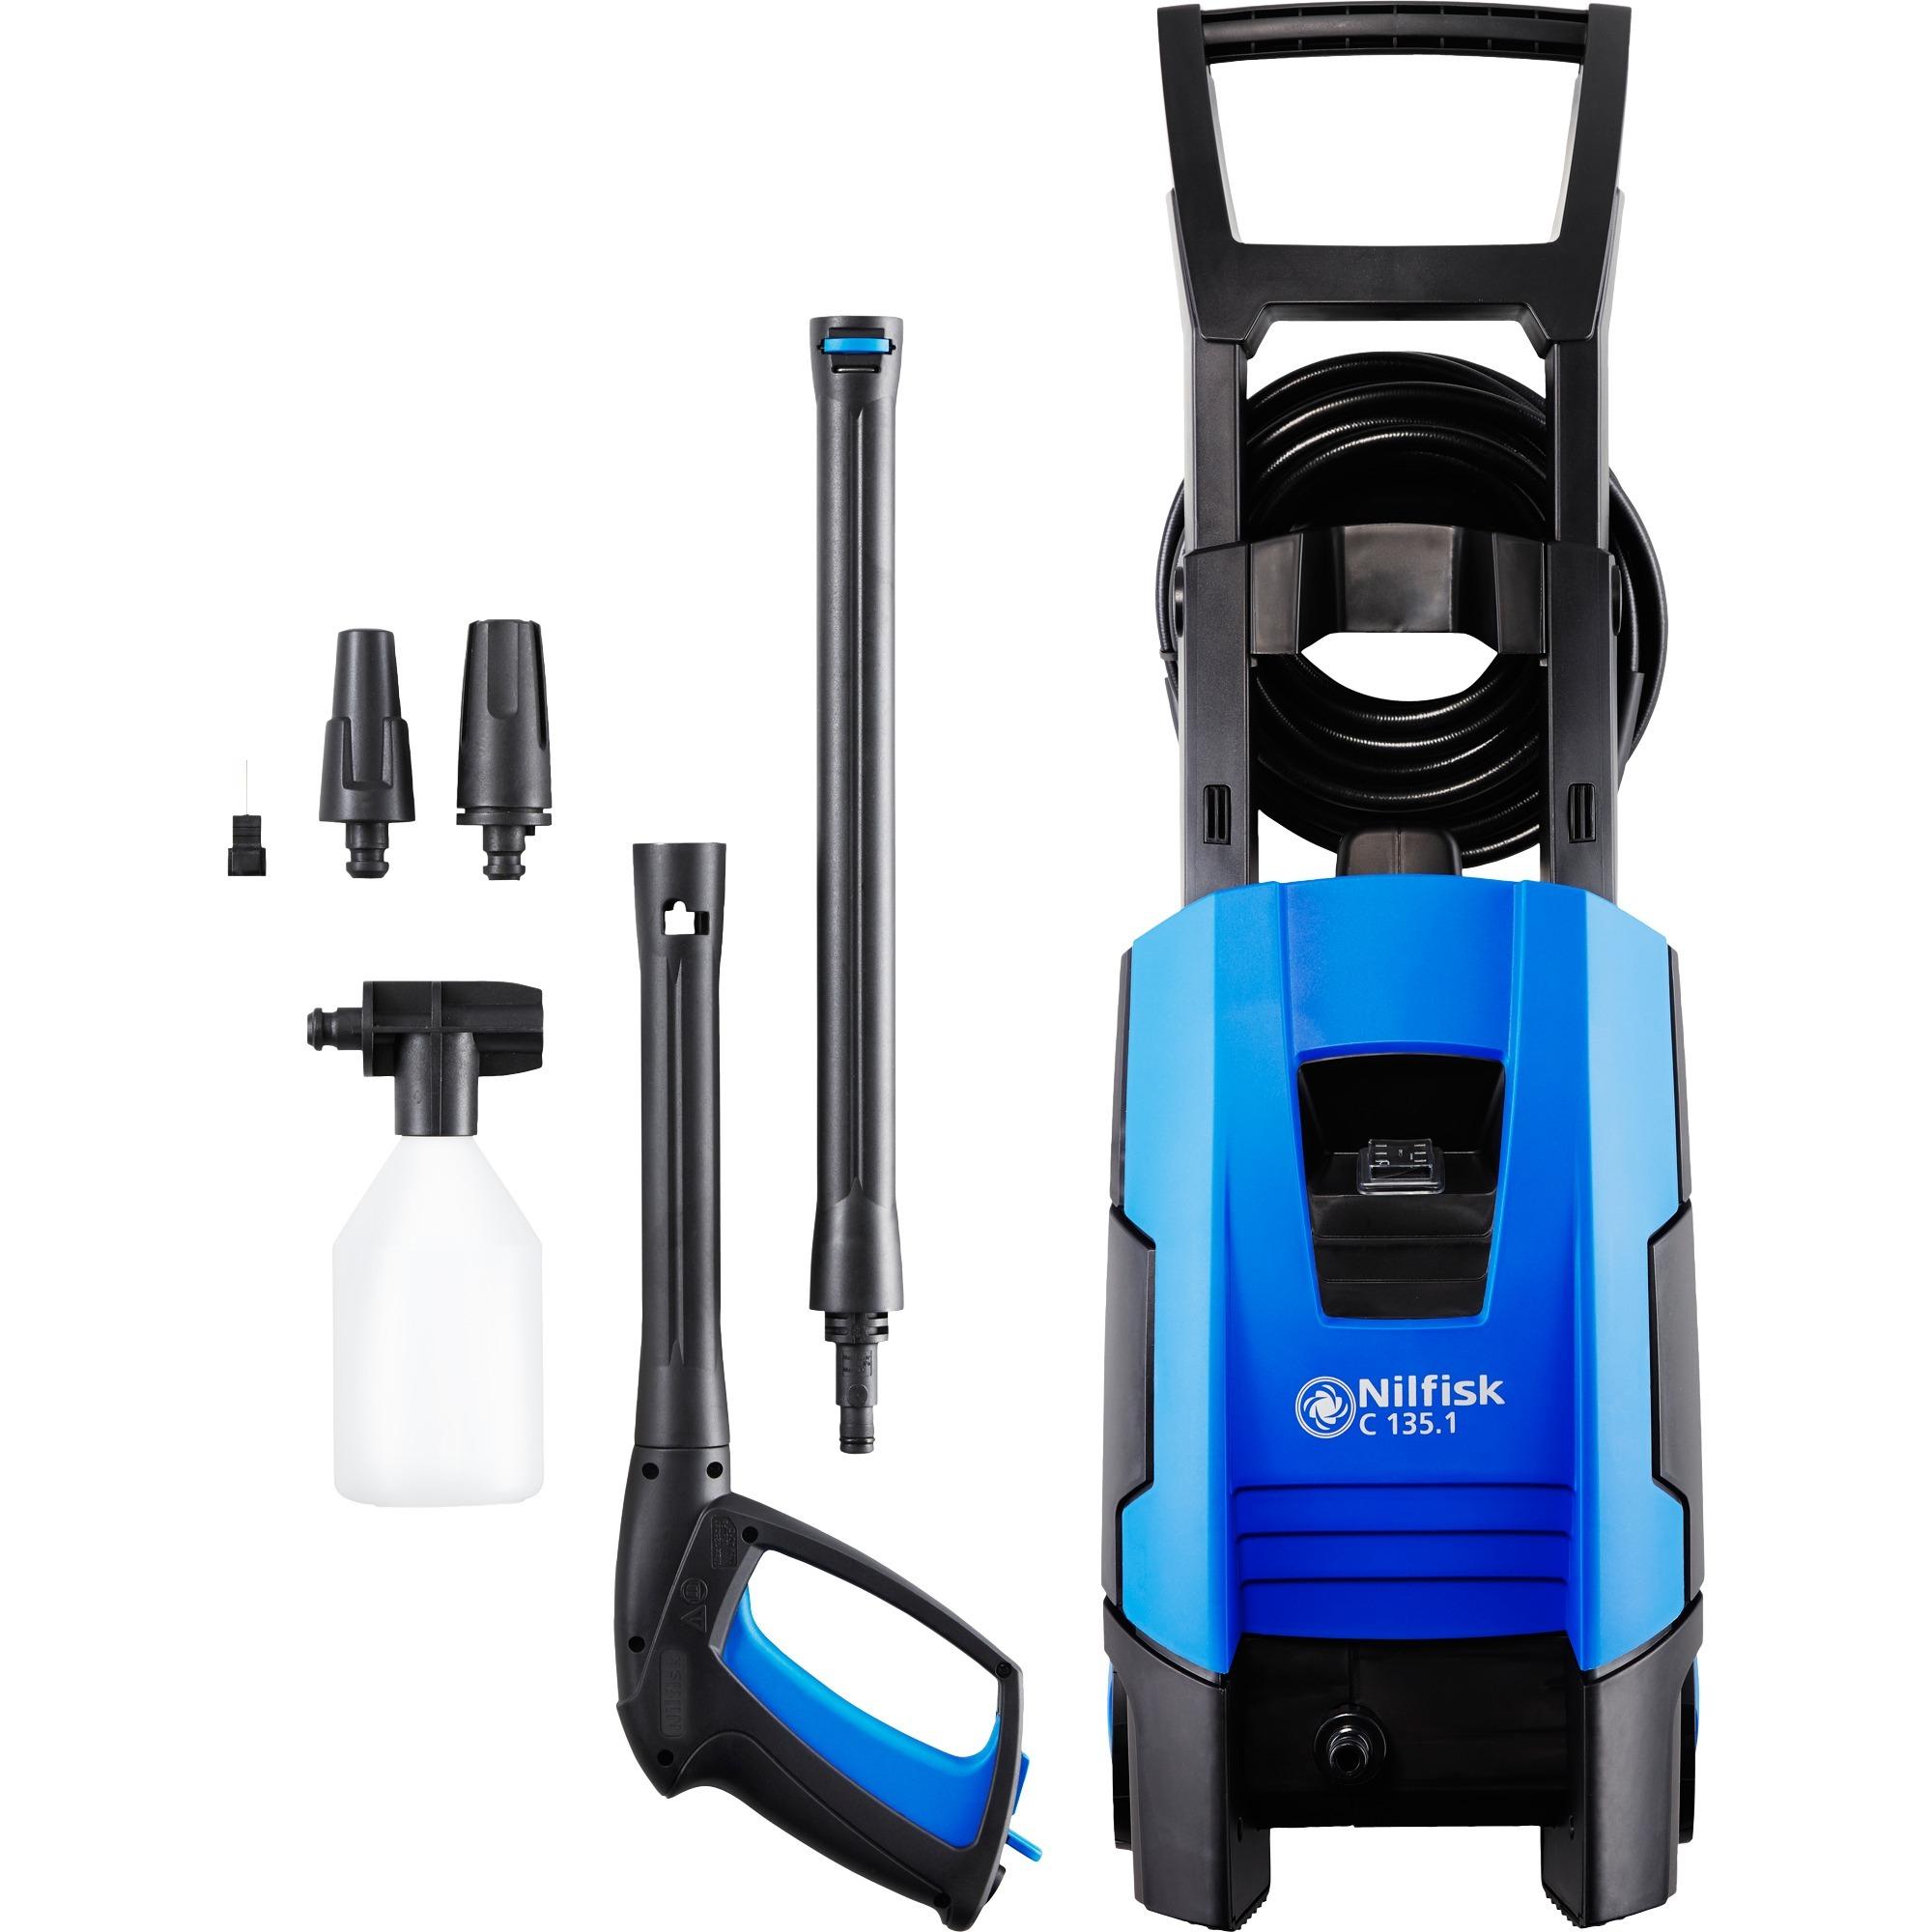 C 135.1 Compacto Eléctrico 520l/h 7800W Negro, Azul Limpiadora de alta presión o Hidrolimpiadora, Hidrolimpiadora de alta presión